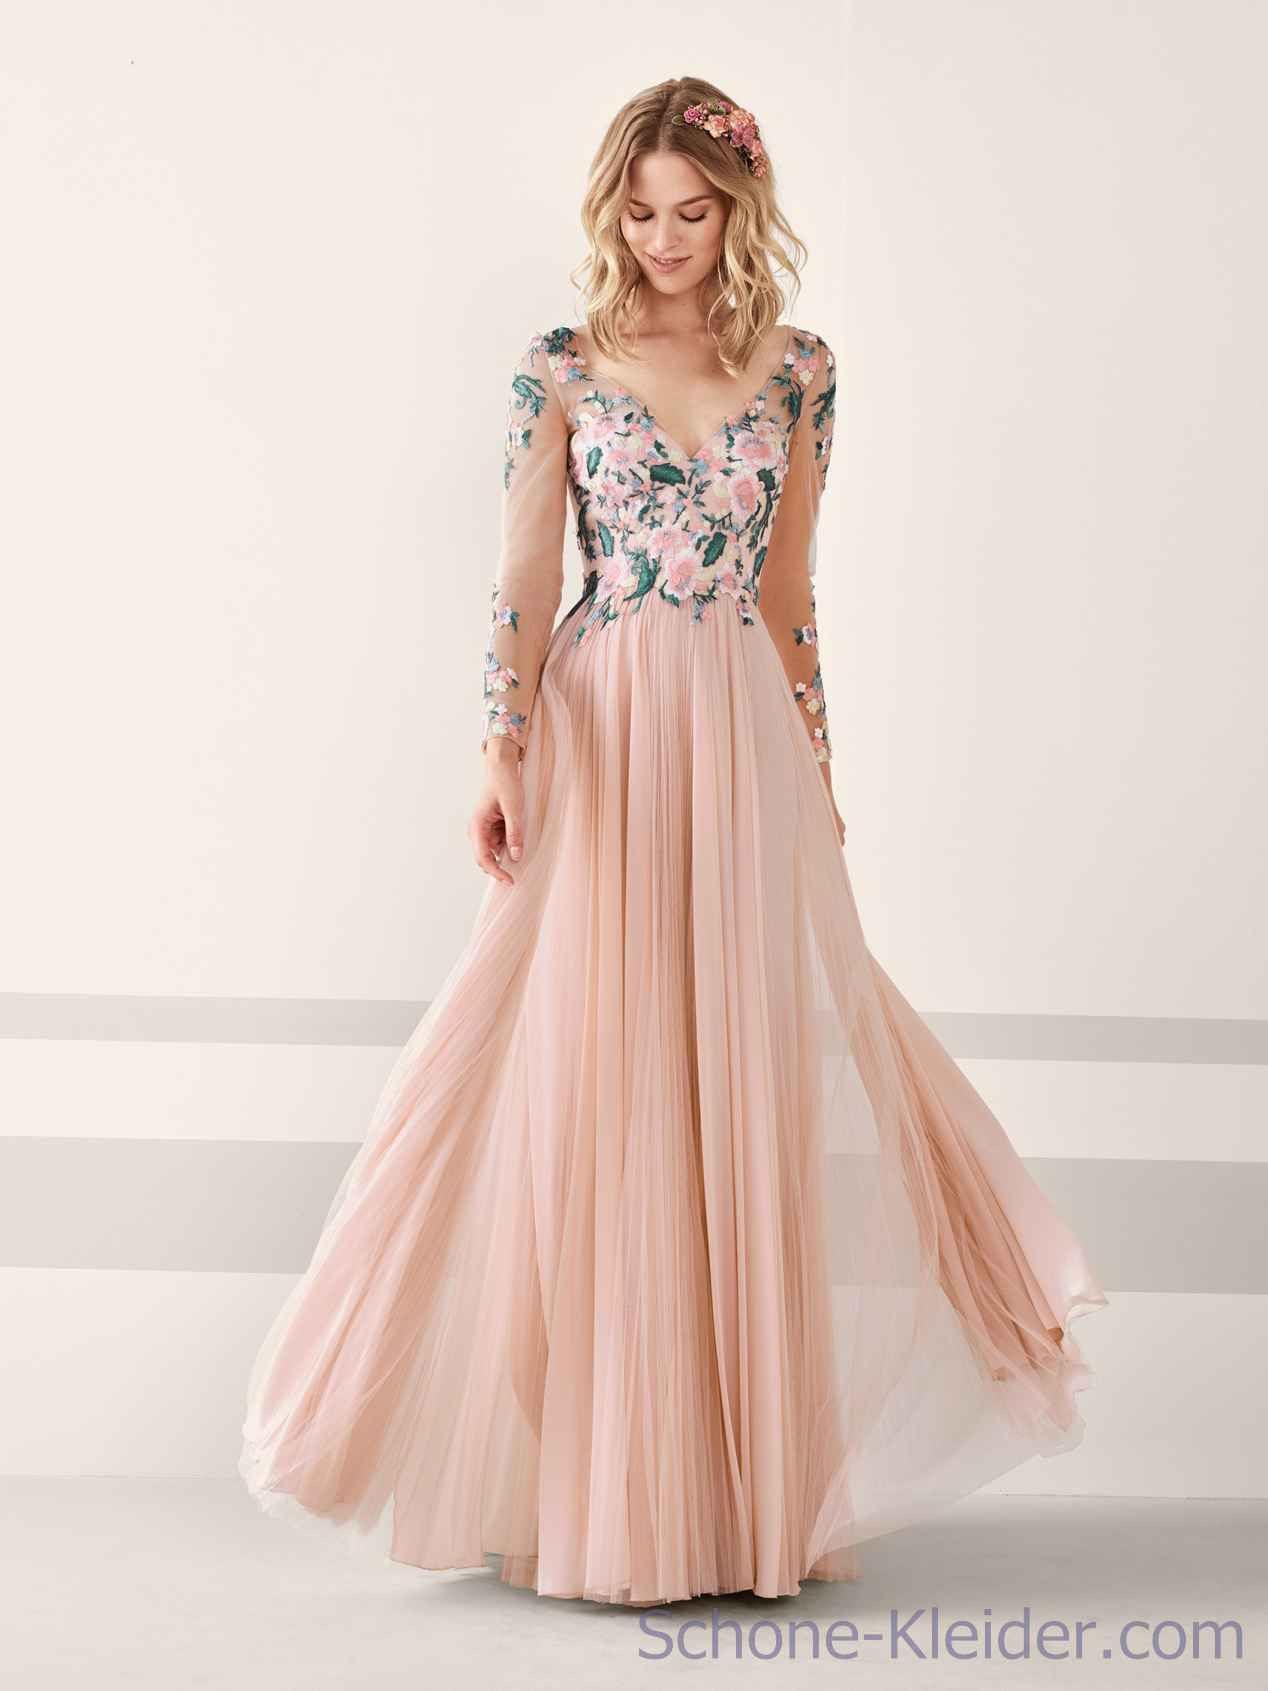 13 Fantastisch Henna Abend Kurzes Kleid Gast SpezialgebietAbend Kreativ Henna Abend Kurzes Kleid Gast für 2019